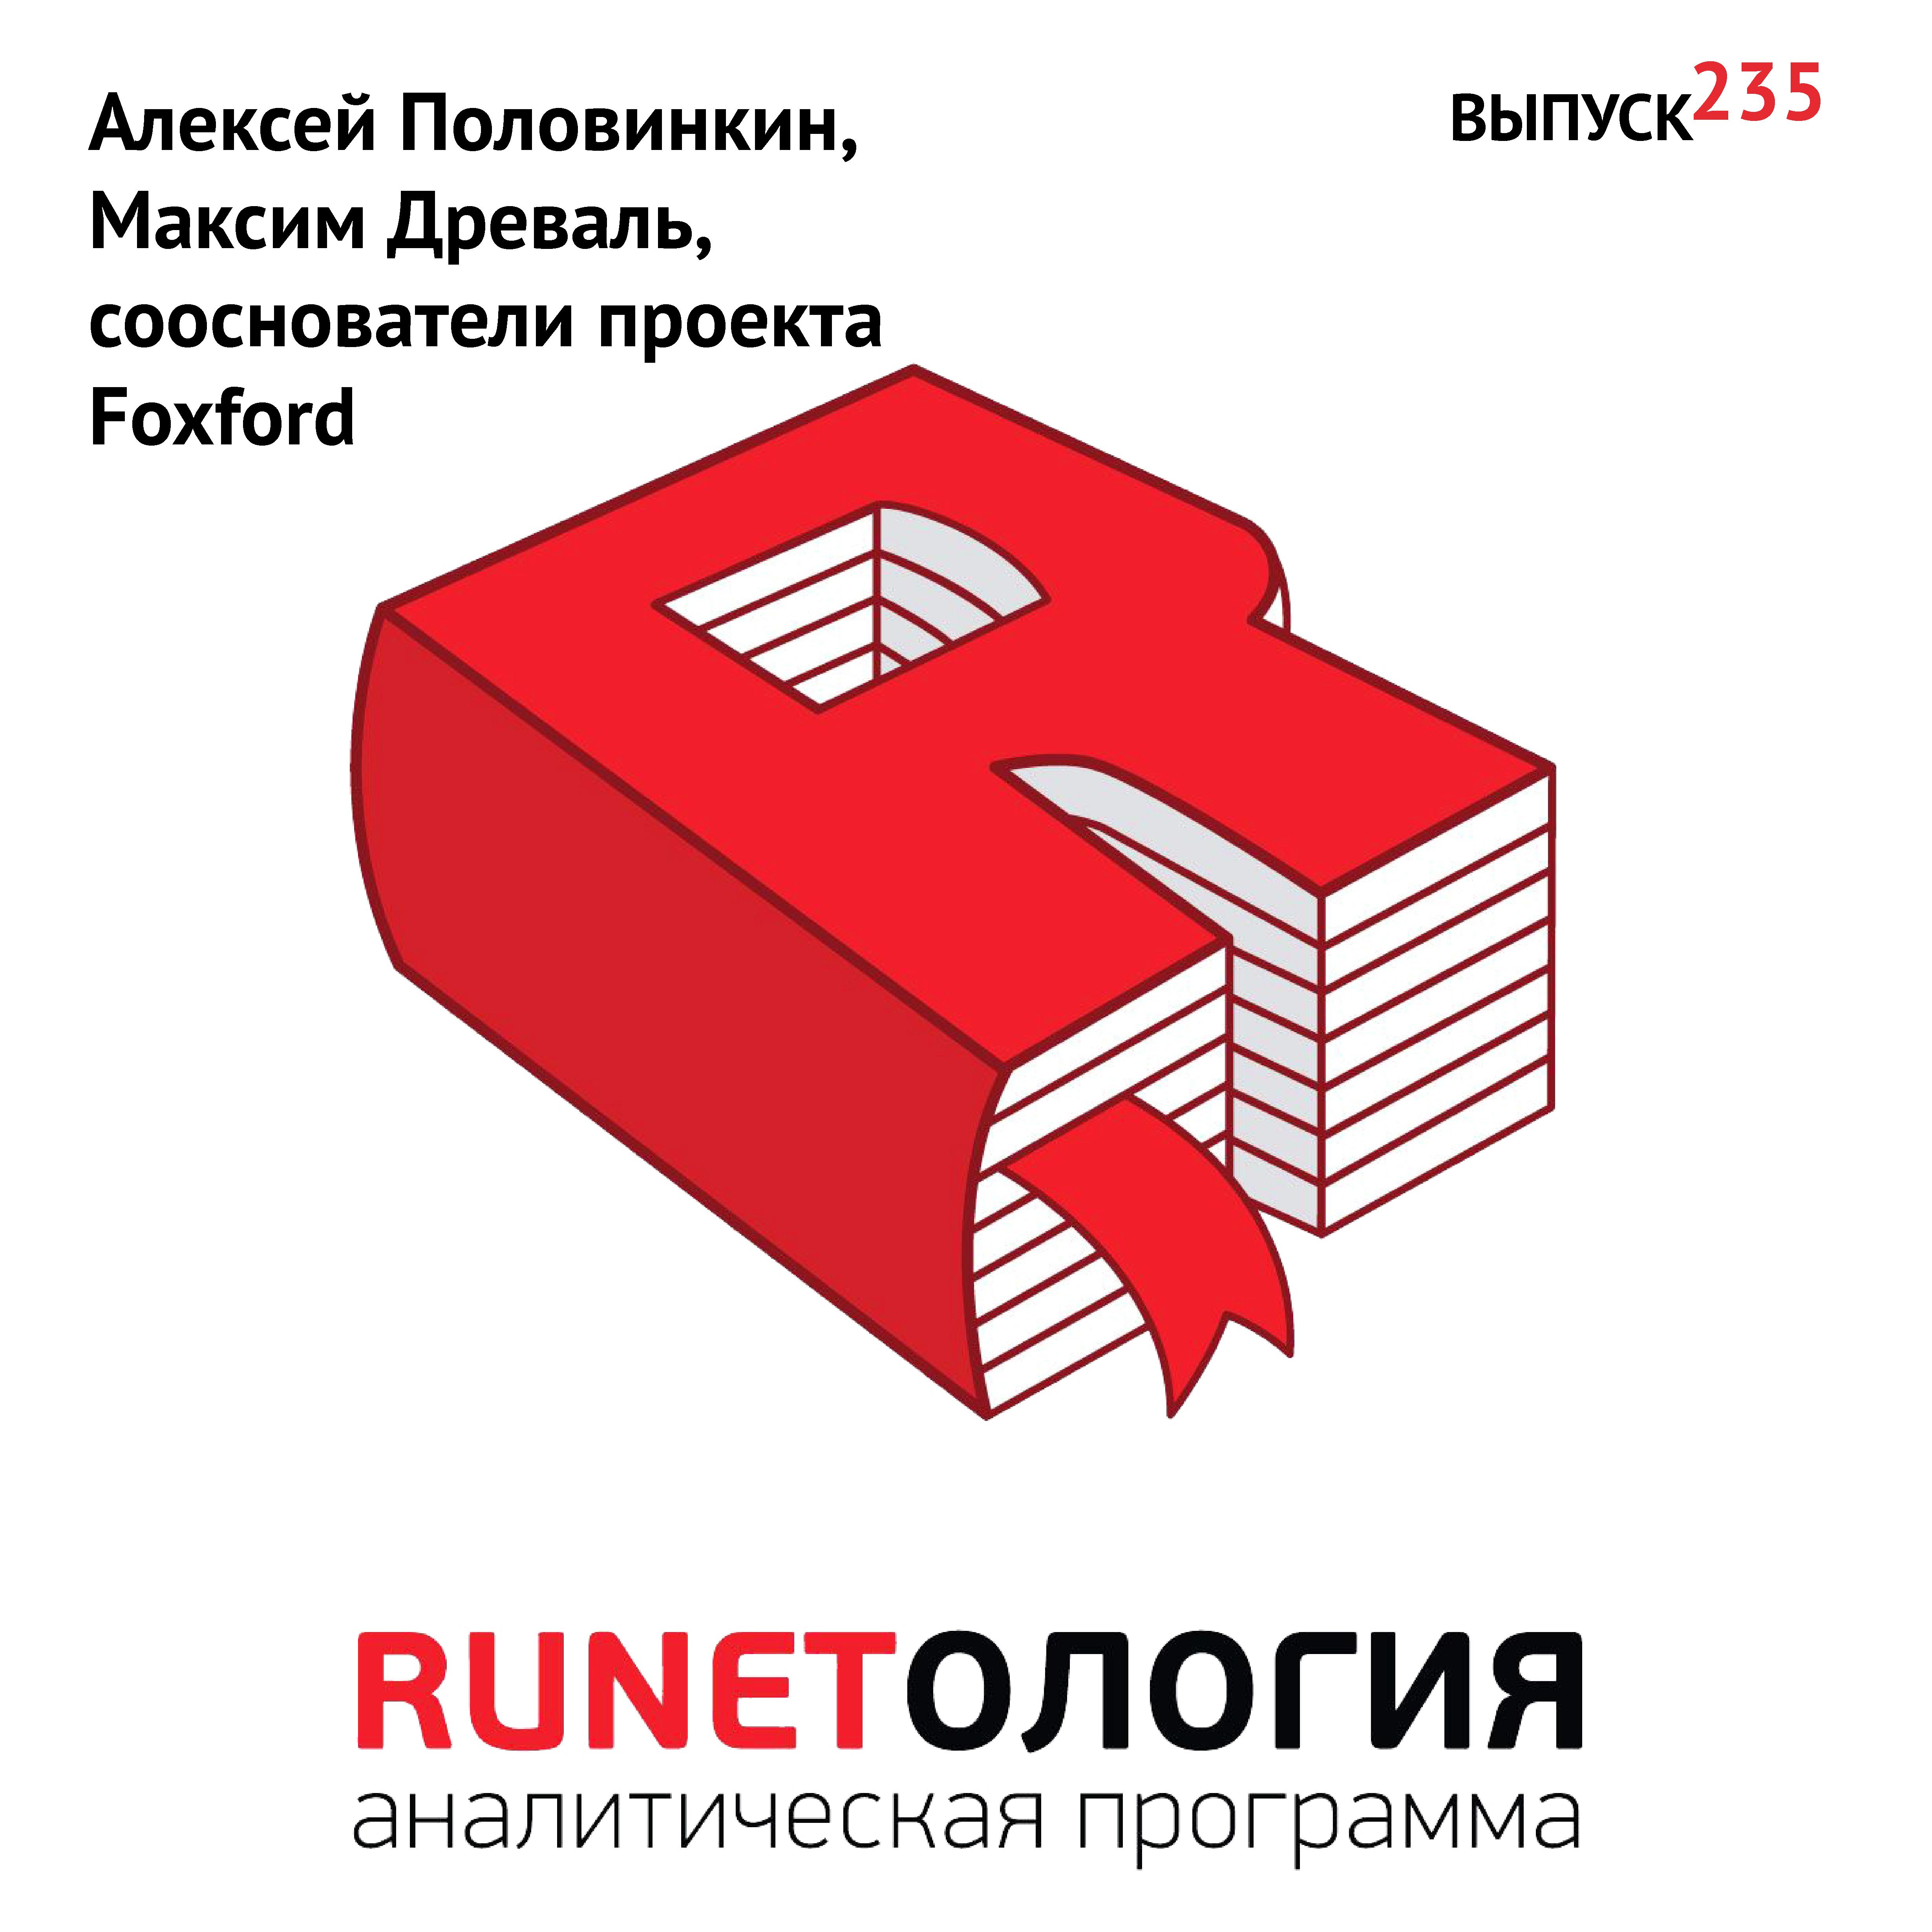 Максим Спиридонов Алексей Половинкин, Максим Древаль, сооснователи проекта Foxford